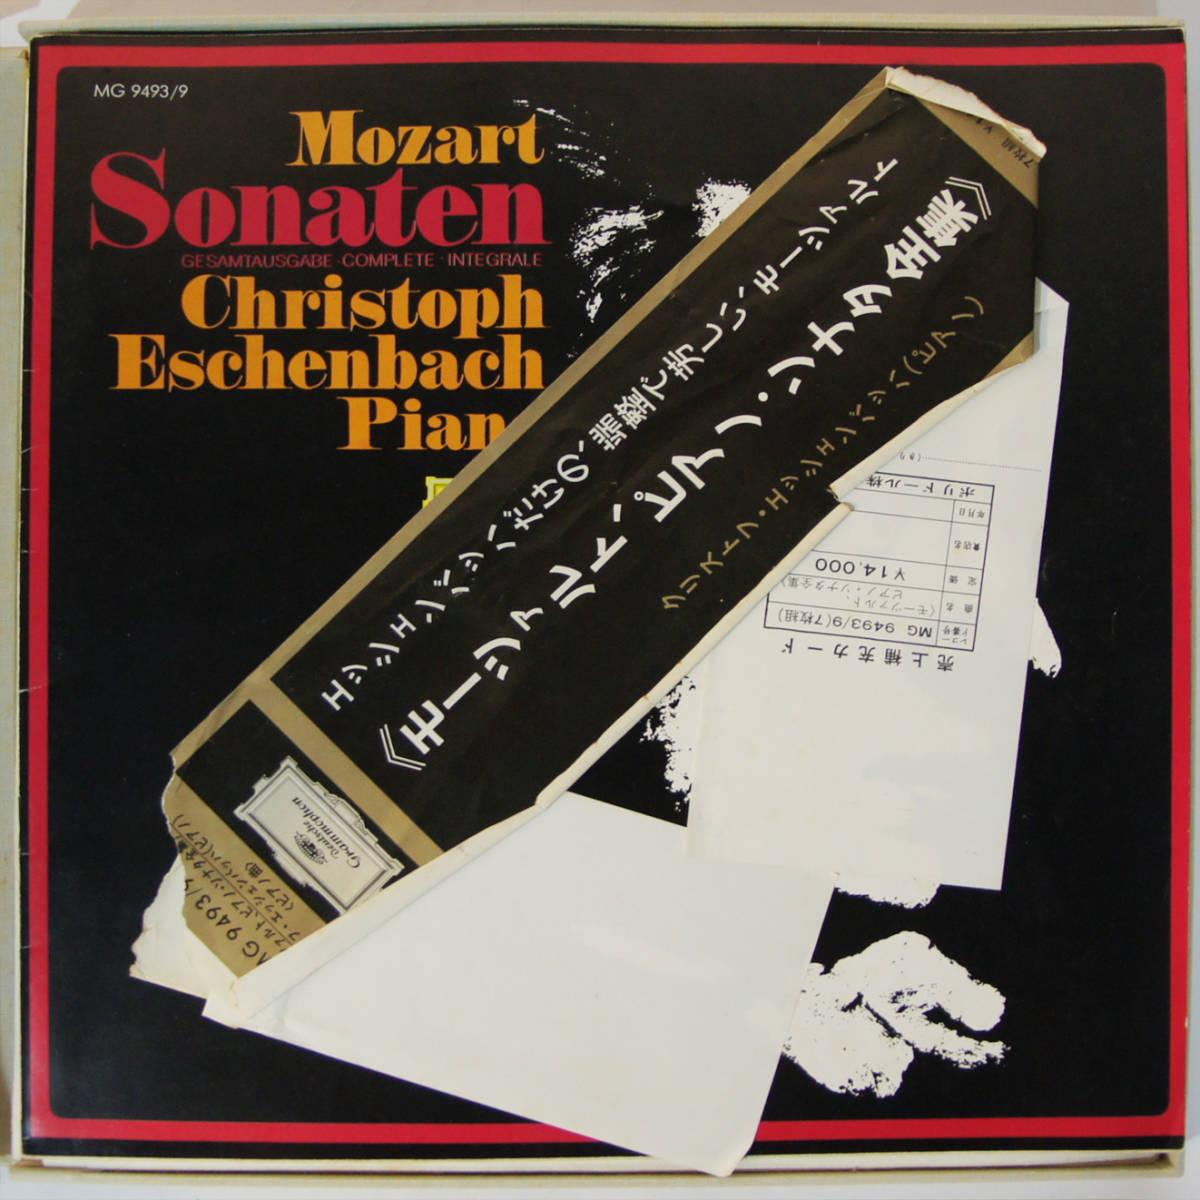 00925i 12LP 7枚組BOX★ CHRISTOPH ESCHENBACH / MOZART Sonaten ★MG9493/9 クリストフ・エッシェンバッハ モーツァルト ソナタ ピアノ_帯と冊子の表紙